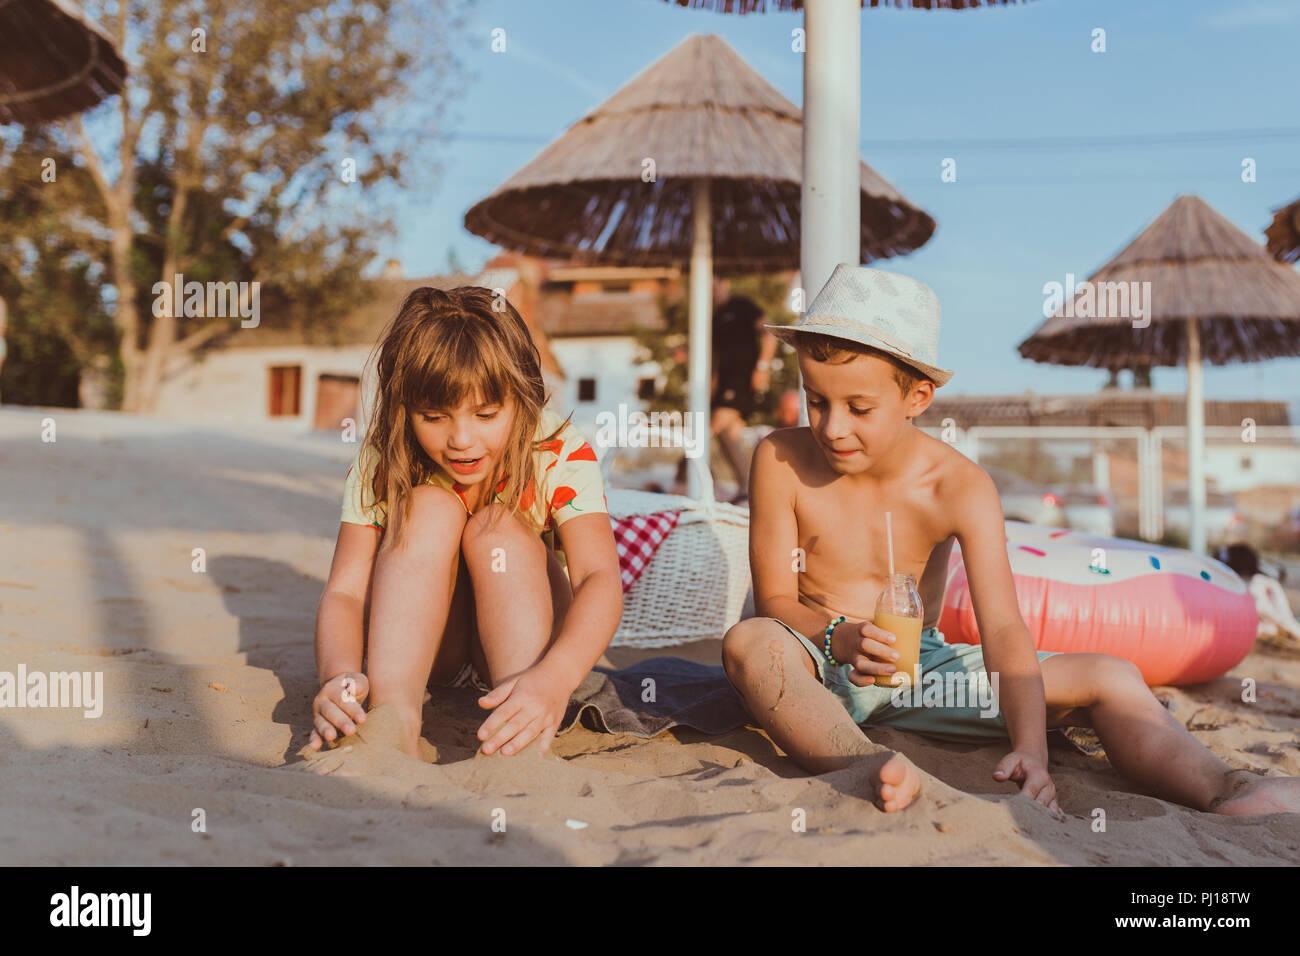 Felices los Niños positivos sentada sobre una toalla en la playa y hablando. Imagen De Stock